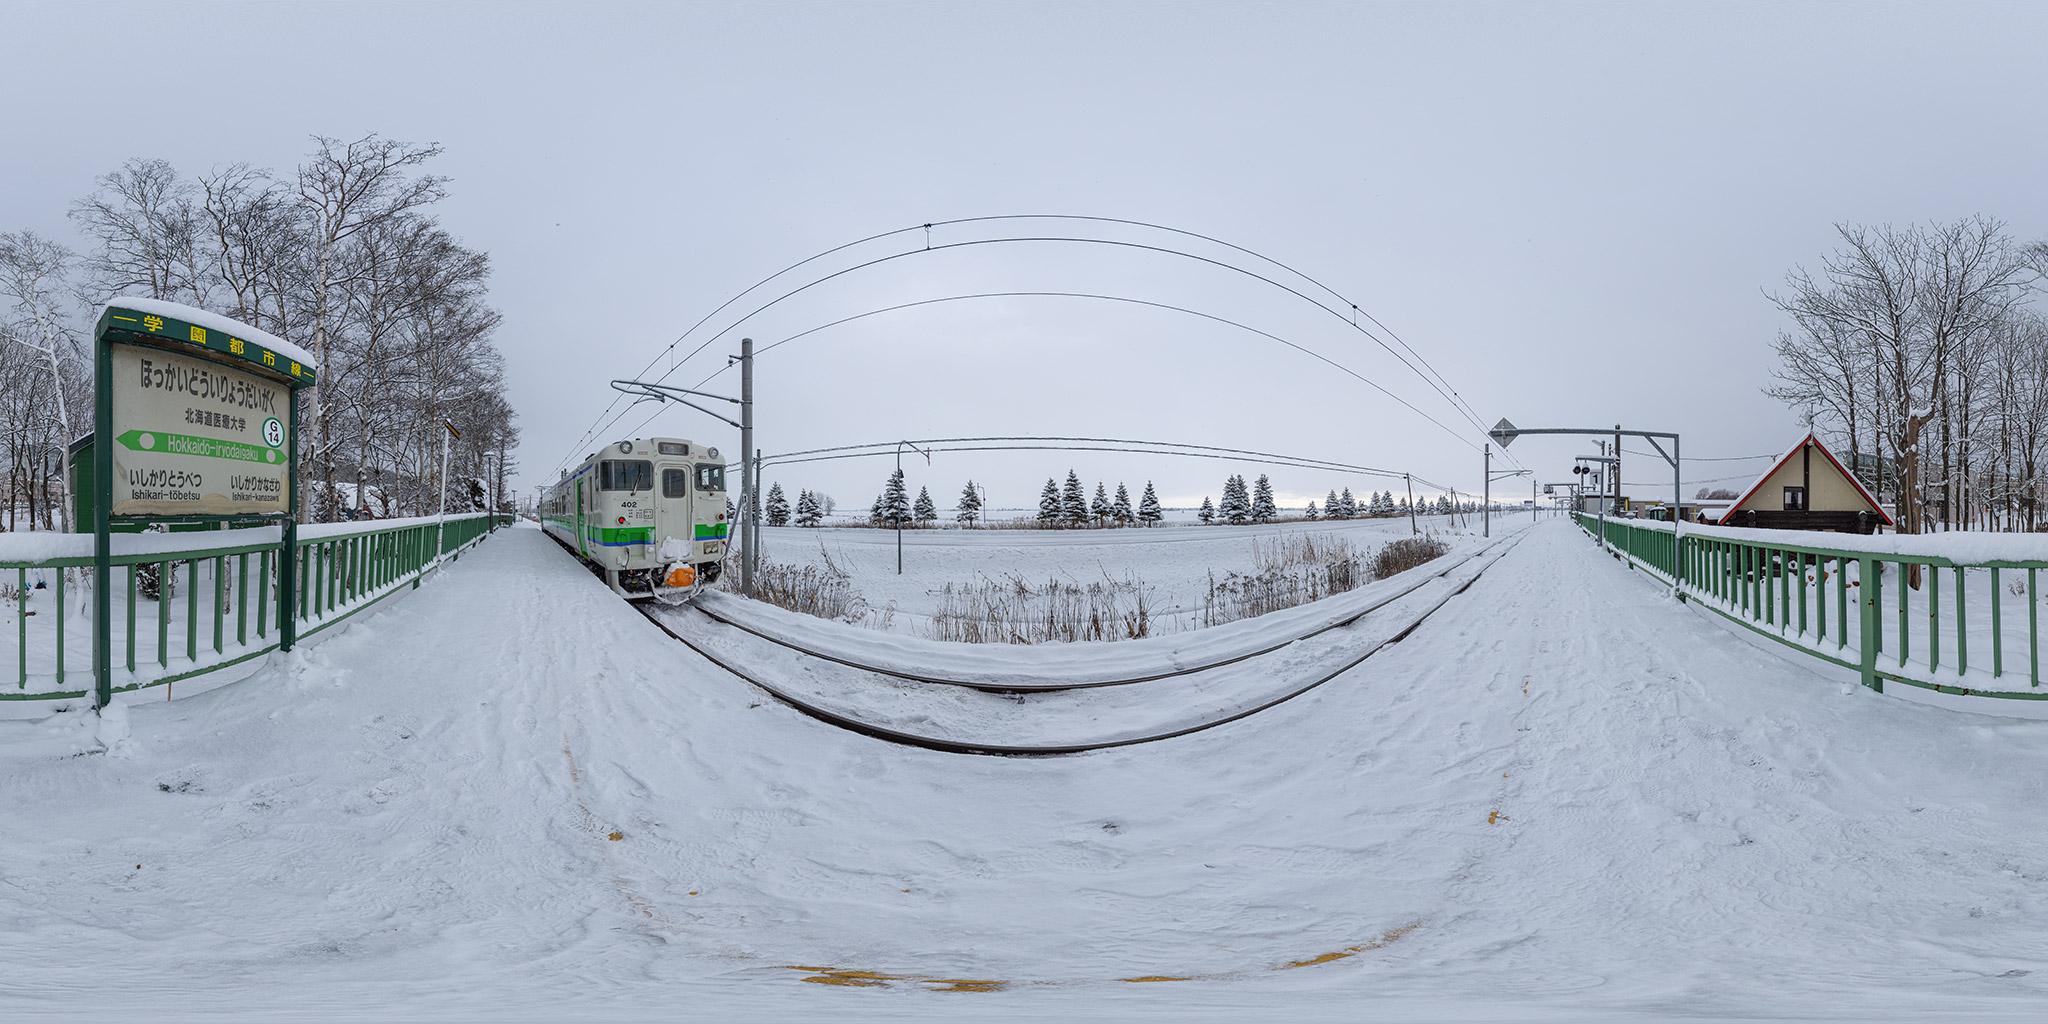 札沼線北海道医療大学駅を発車するキハ40 402(5427D)